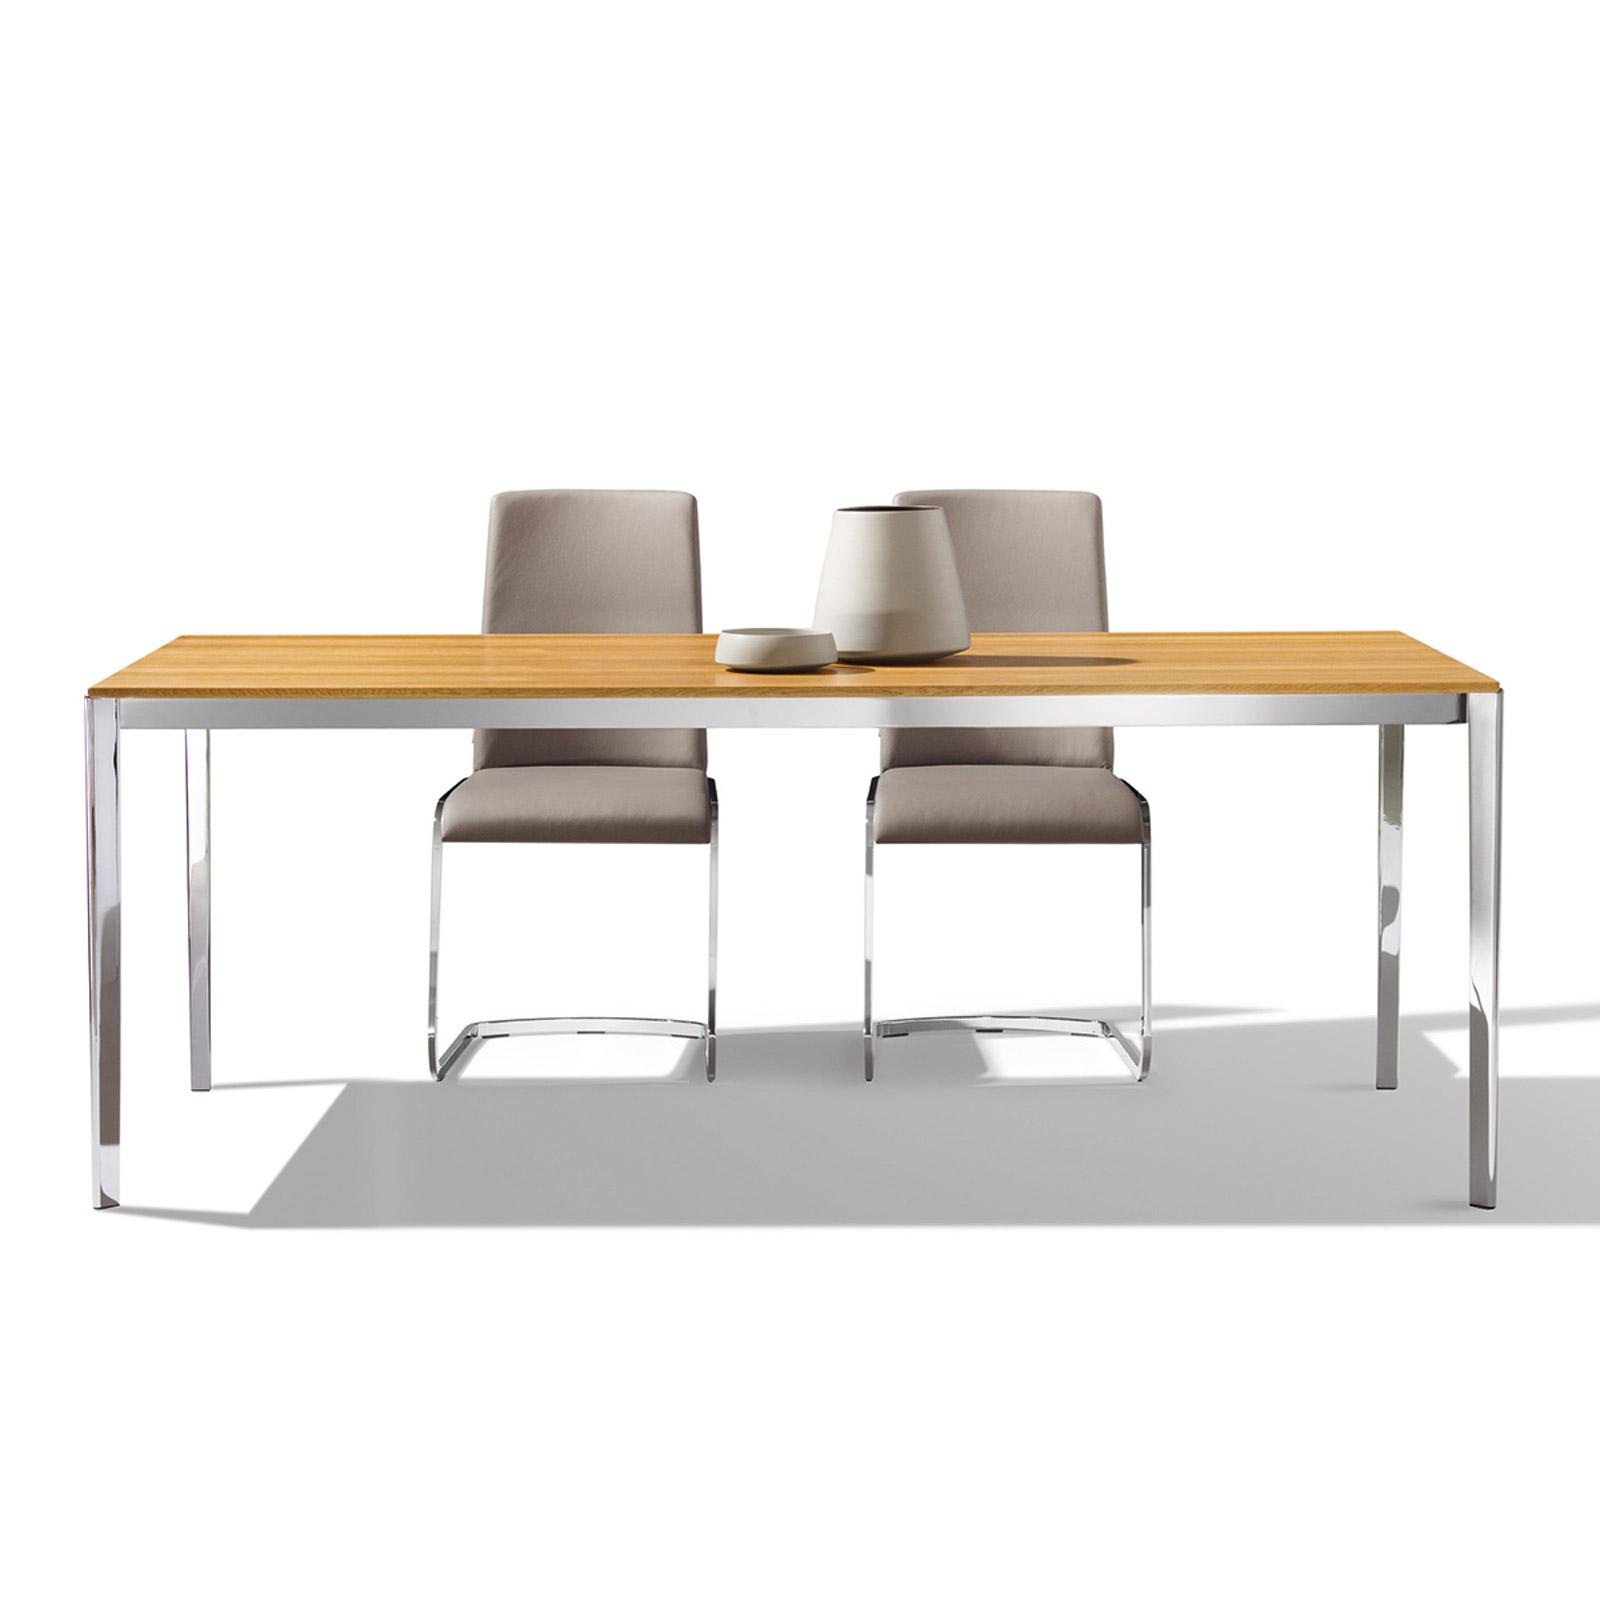 team7 auszugstisch tak eiche m bel b r ag. Black Bedroom Furniture Sets. Home Design Ideas